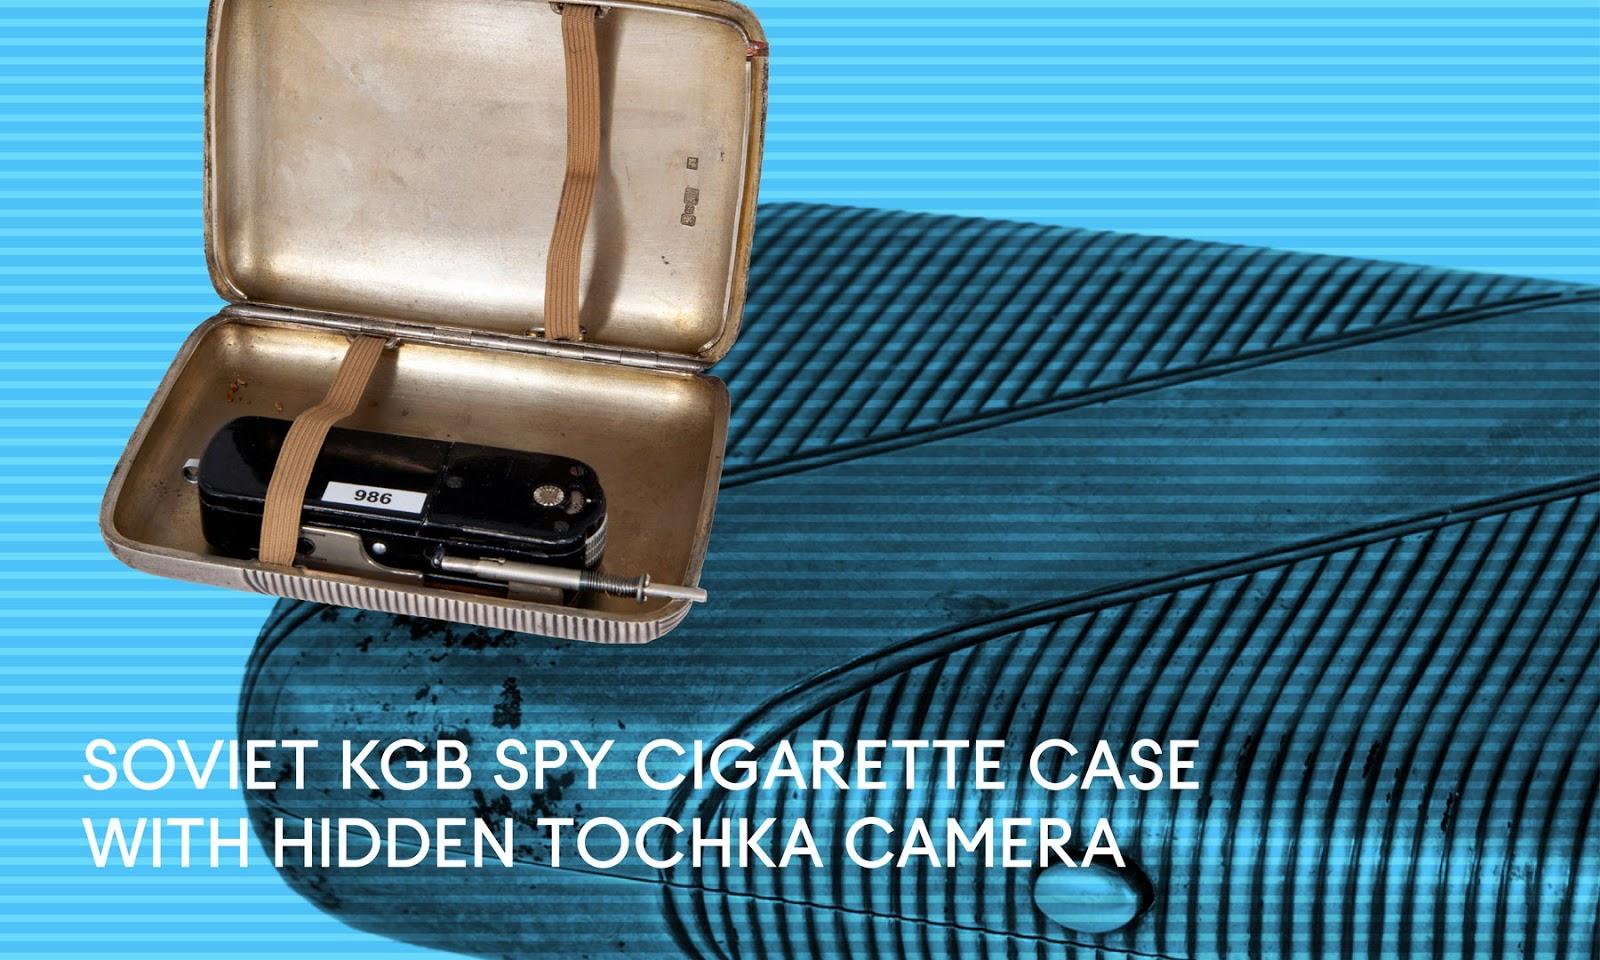 Cigarette case camera